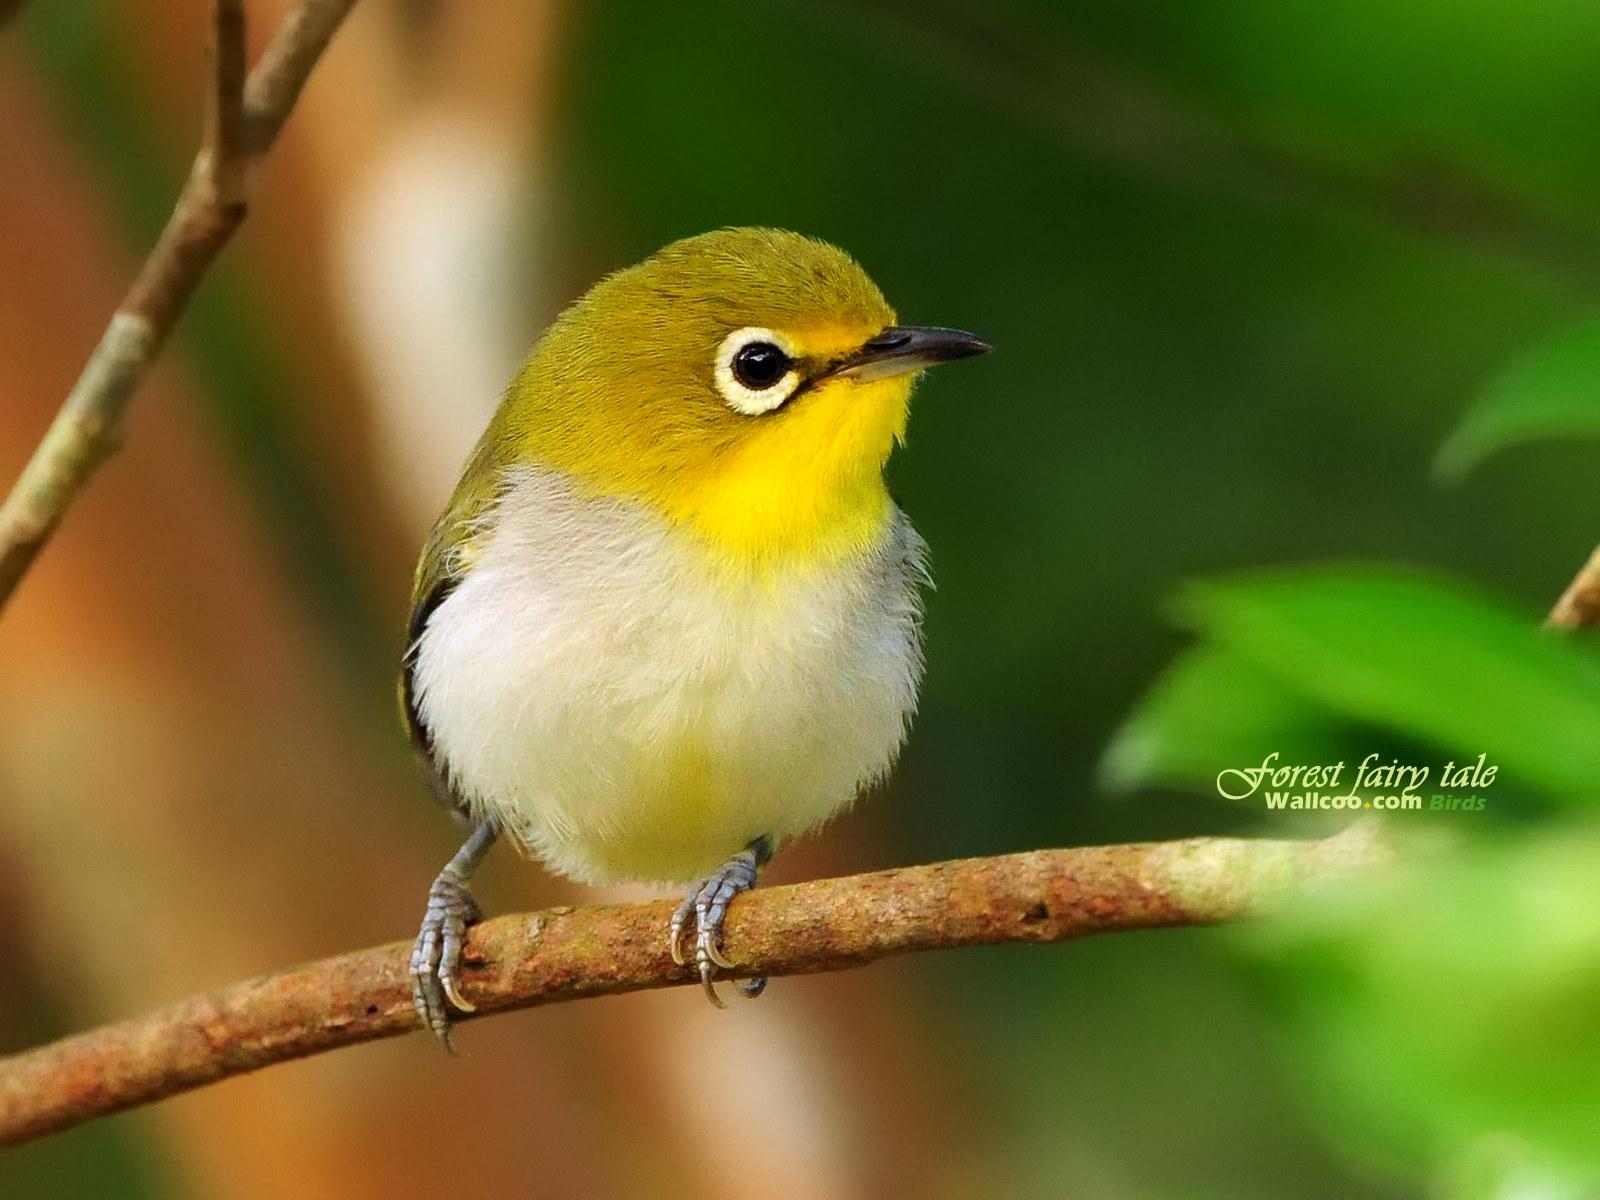 cute little yellow bird.jpg